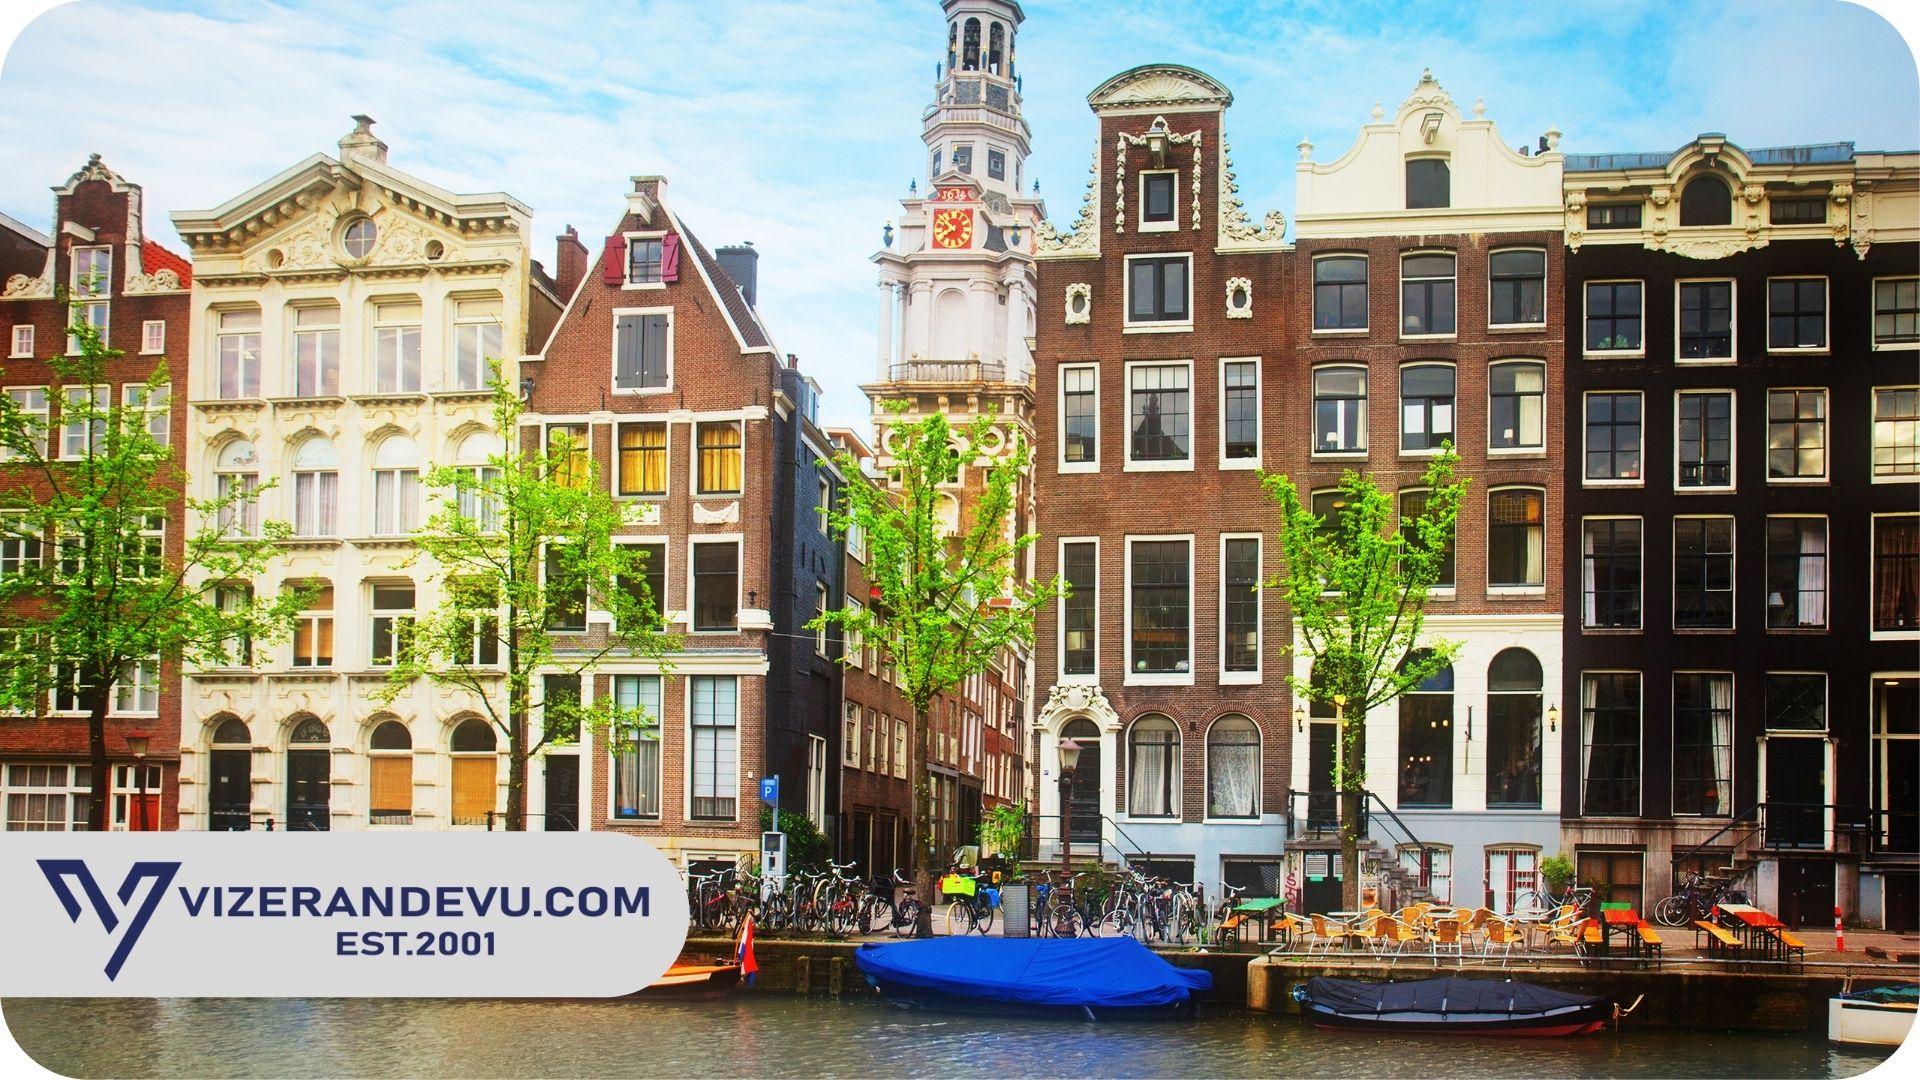 Hollanda Vizesine İhtiyacım Var mı?